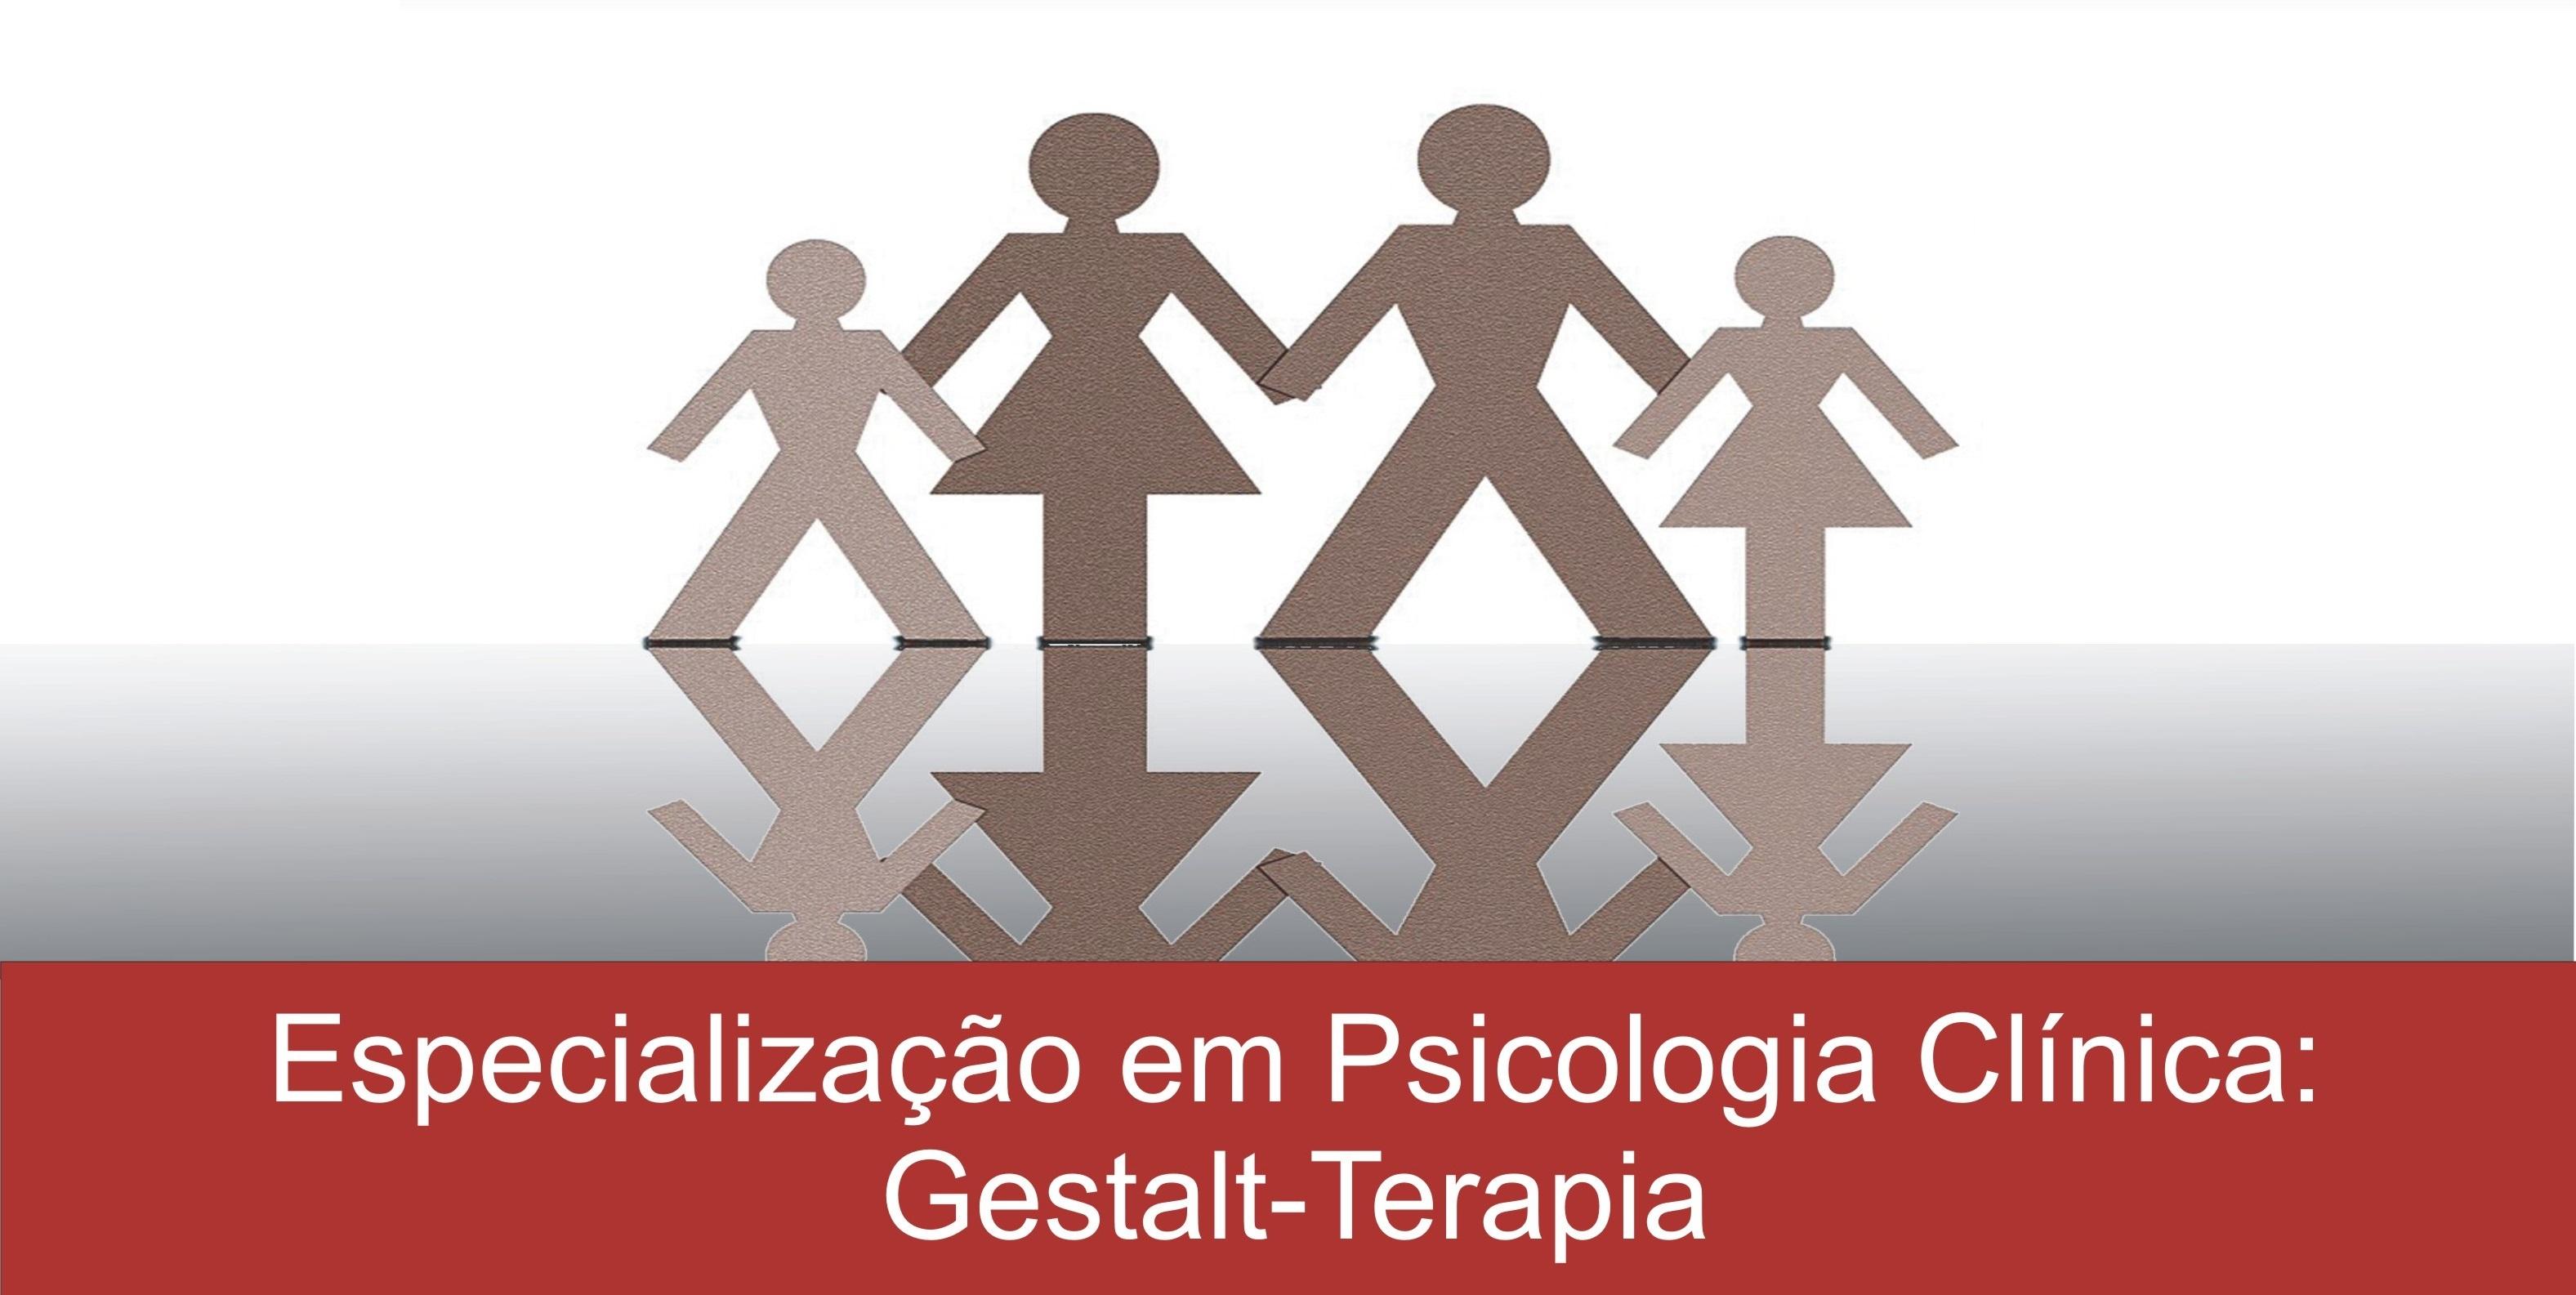 Especialização em Psicologia Clínica Gestalt-Terapia